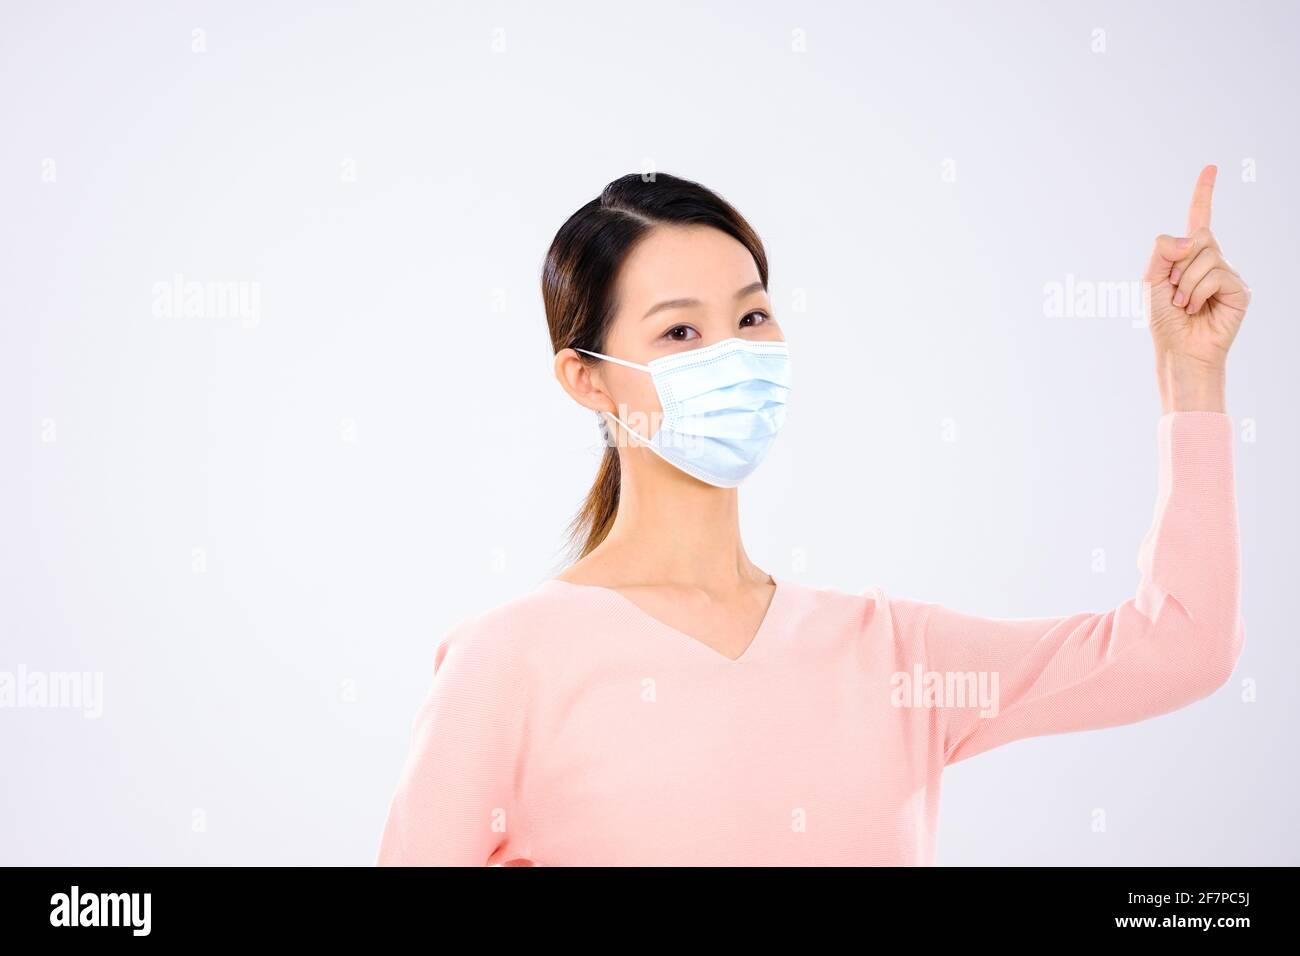 Une jeune femme avec un masque pointant vers le haut Banque D'Images